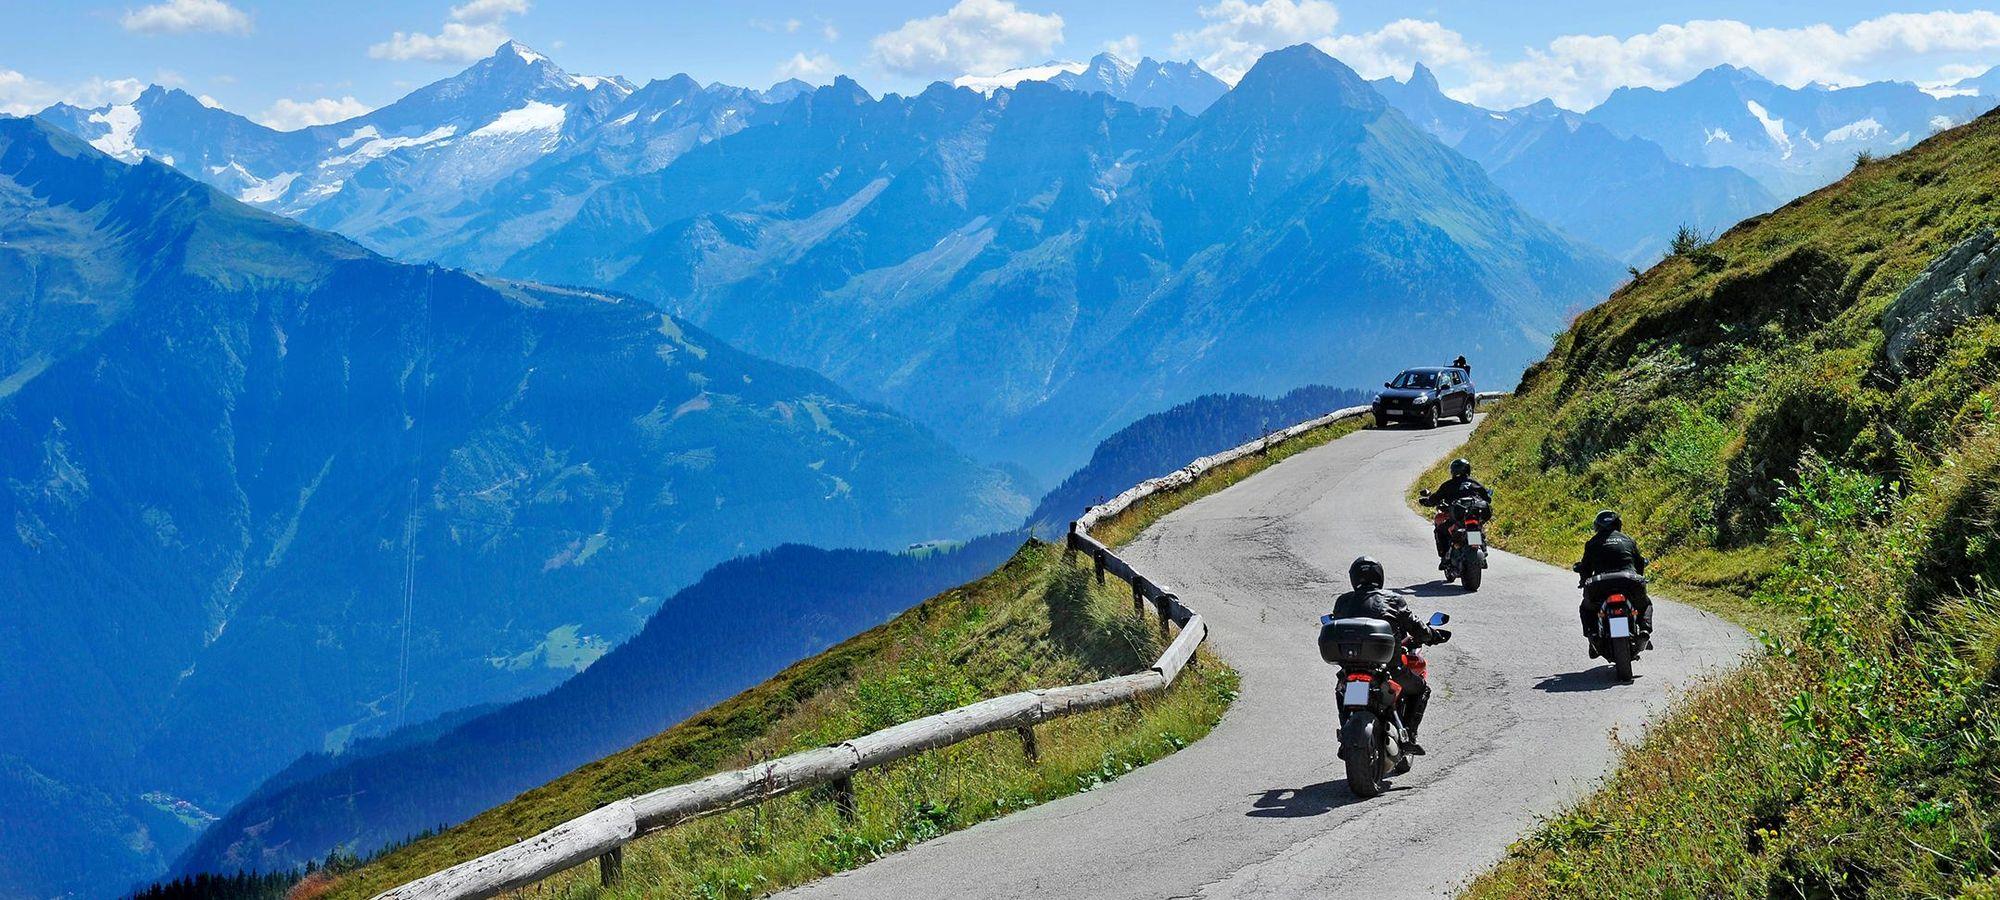 Eine Motorradtour entlang der Zillertaler Höhenstraße ist ein ganz besonderes Erlebnis,